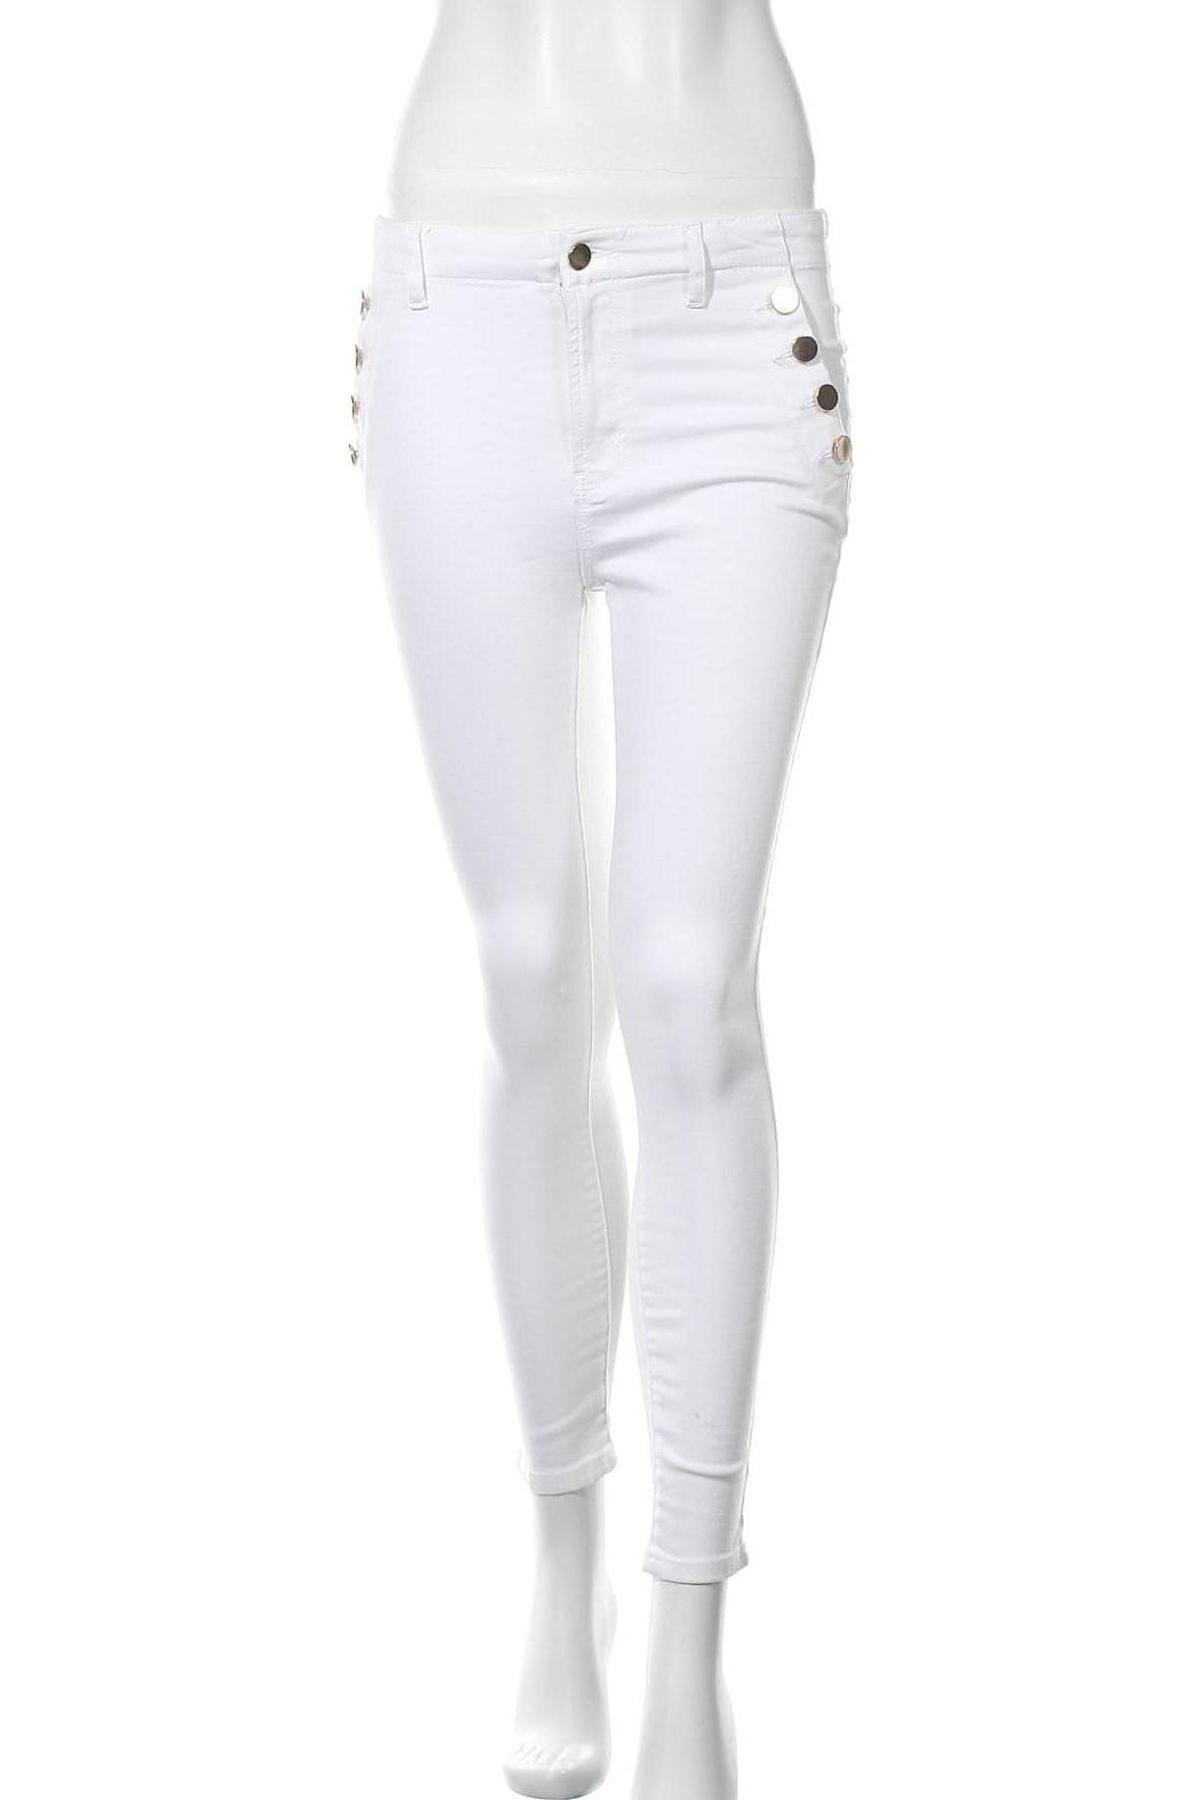 Дамски панталон Vivance, Размер M, Цвят Бял, 97% памук, 3% еластан, Цена 14,80лв.